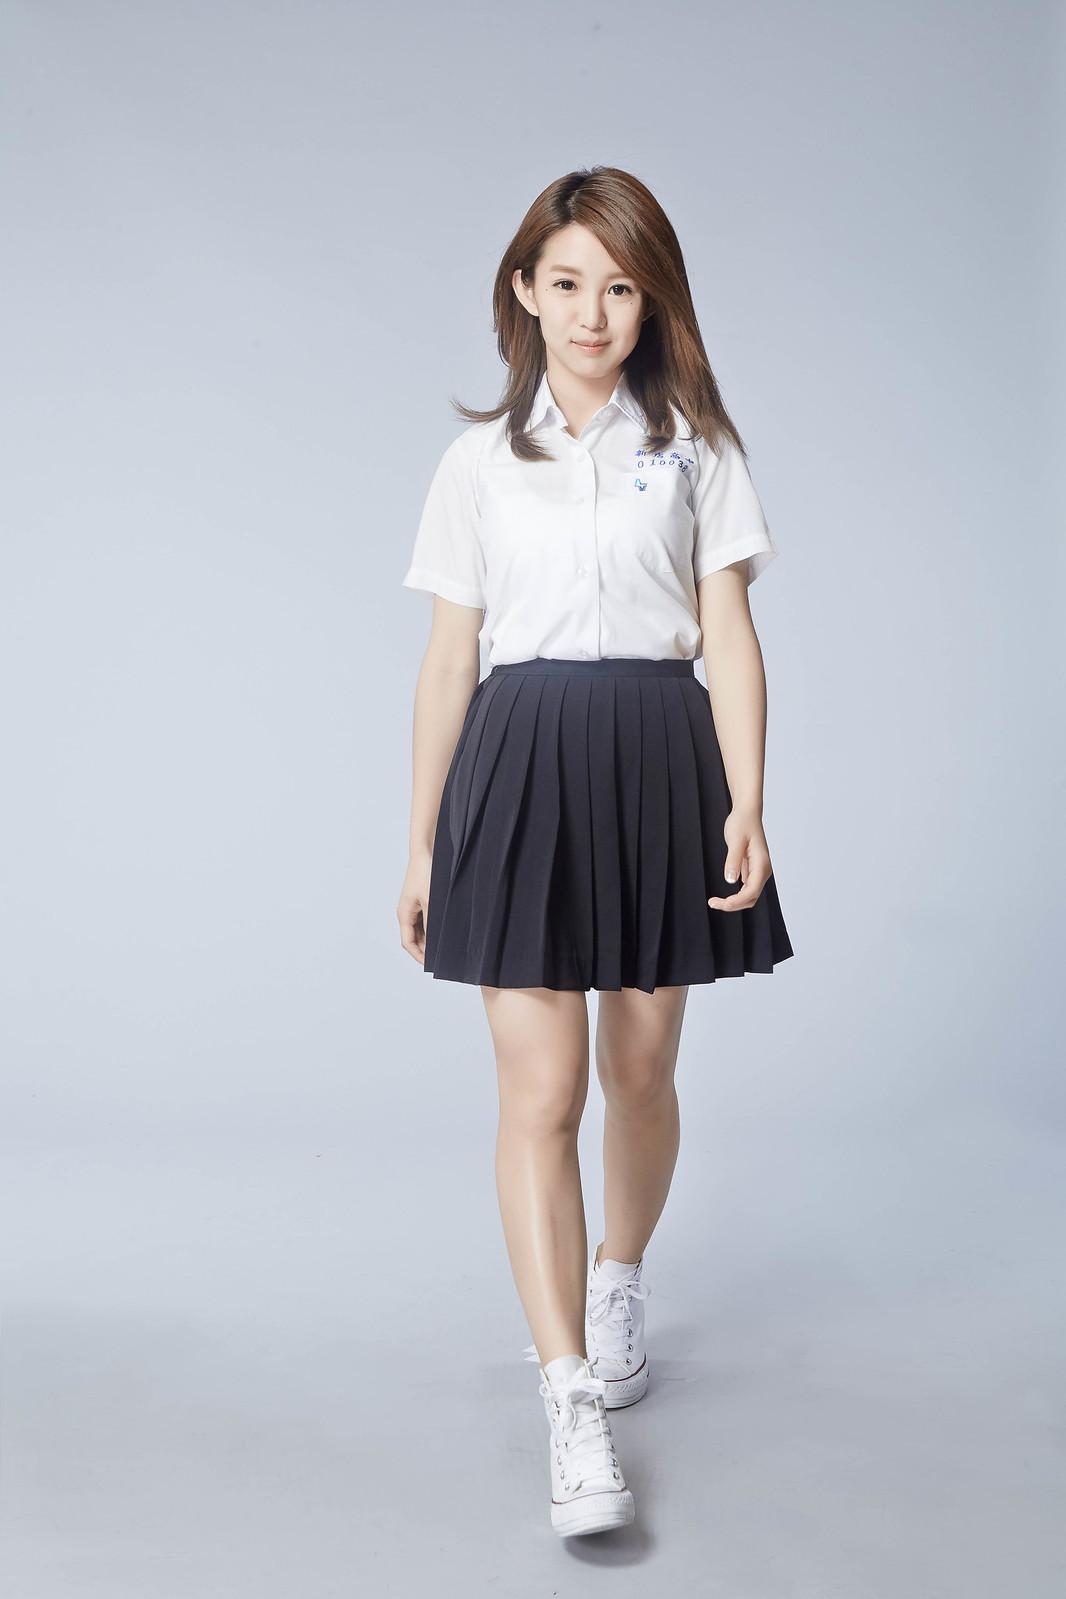 郭書瑤在新片《舞鬥》裡再次穿上制服,扮演熱愛跳舞的高中生 2